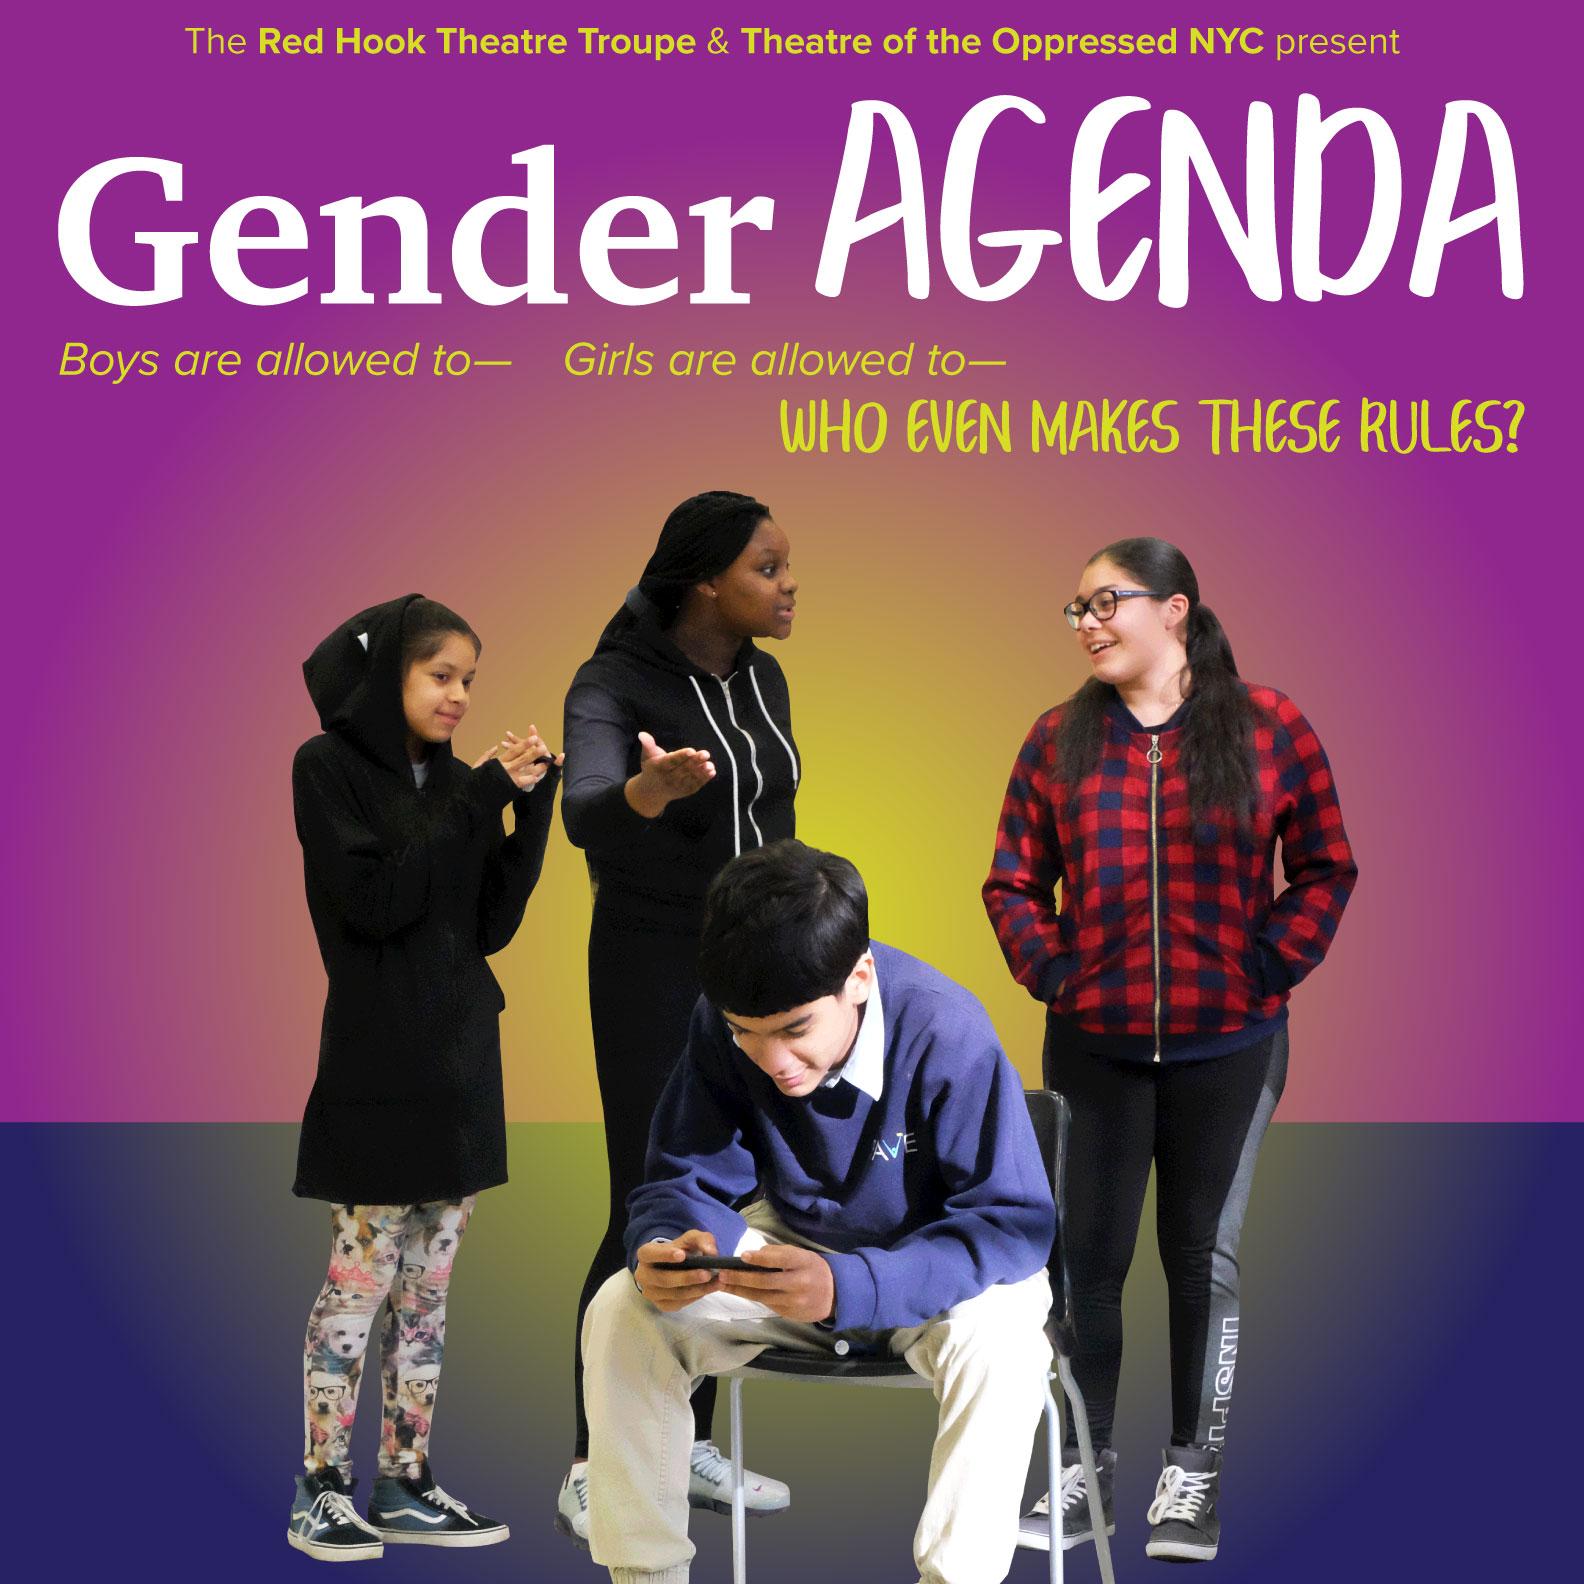 GenderAgenda_SocialSquare2.jpg